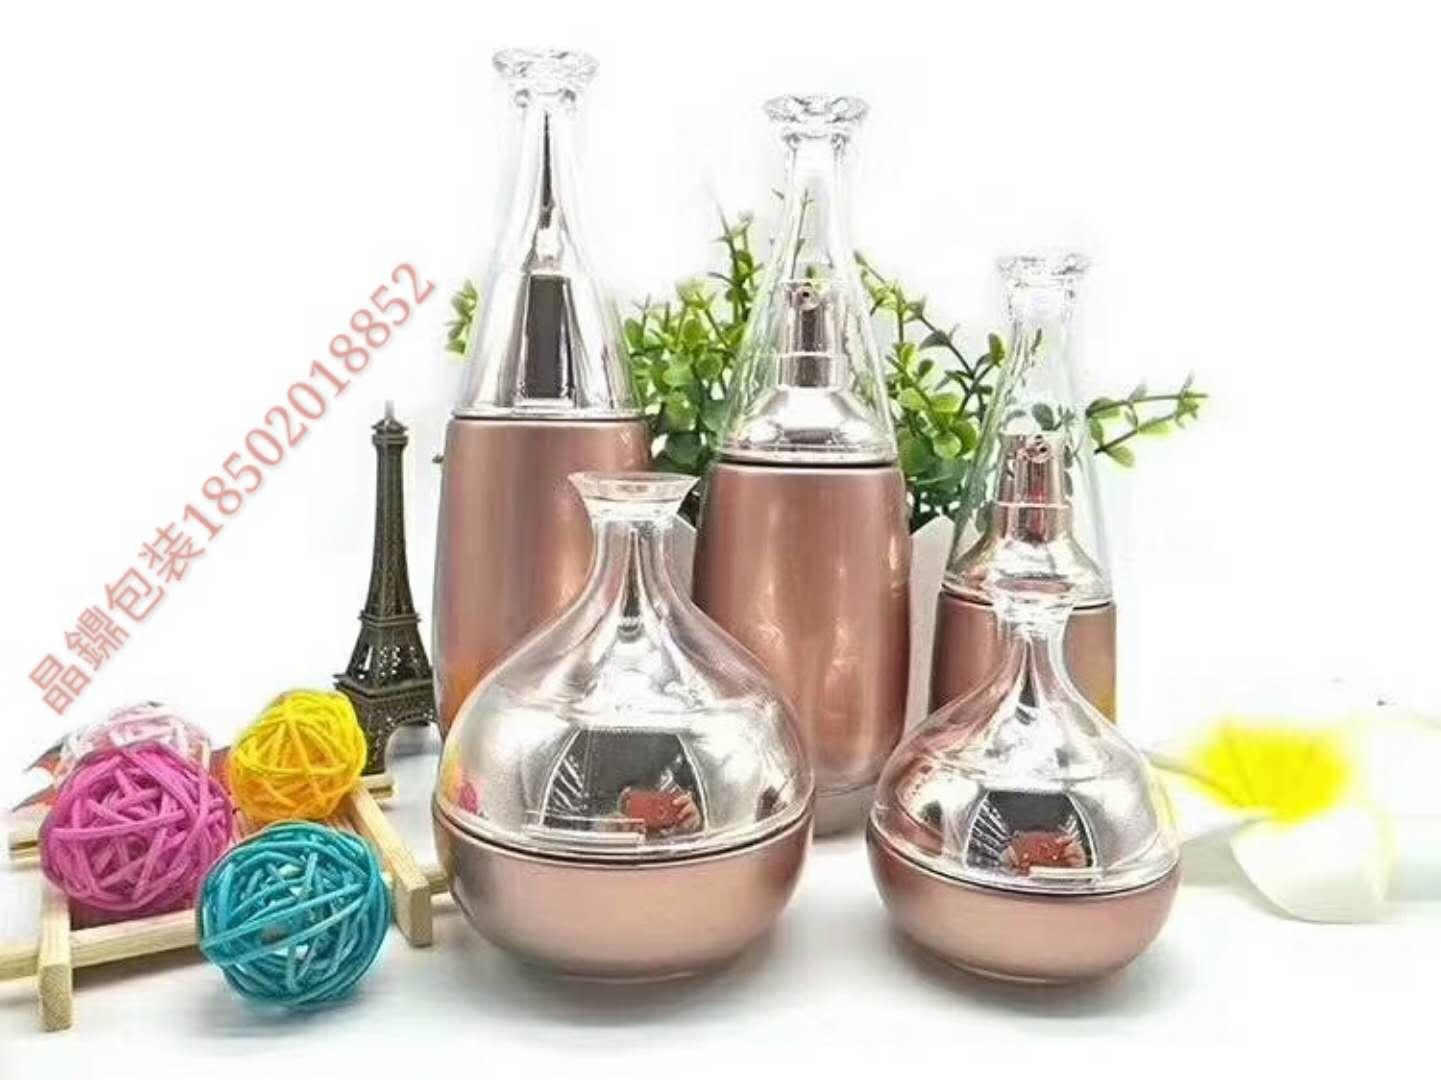 护肤品空瓶厂家,高档化妆品包装瓶,高档化妆品瓶子,精华液瓶